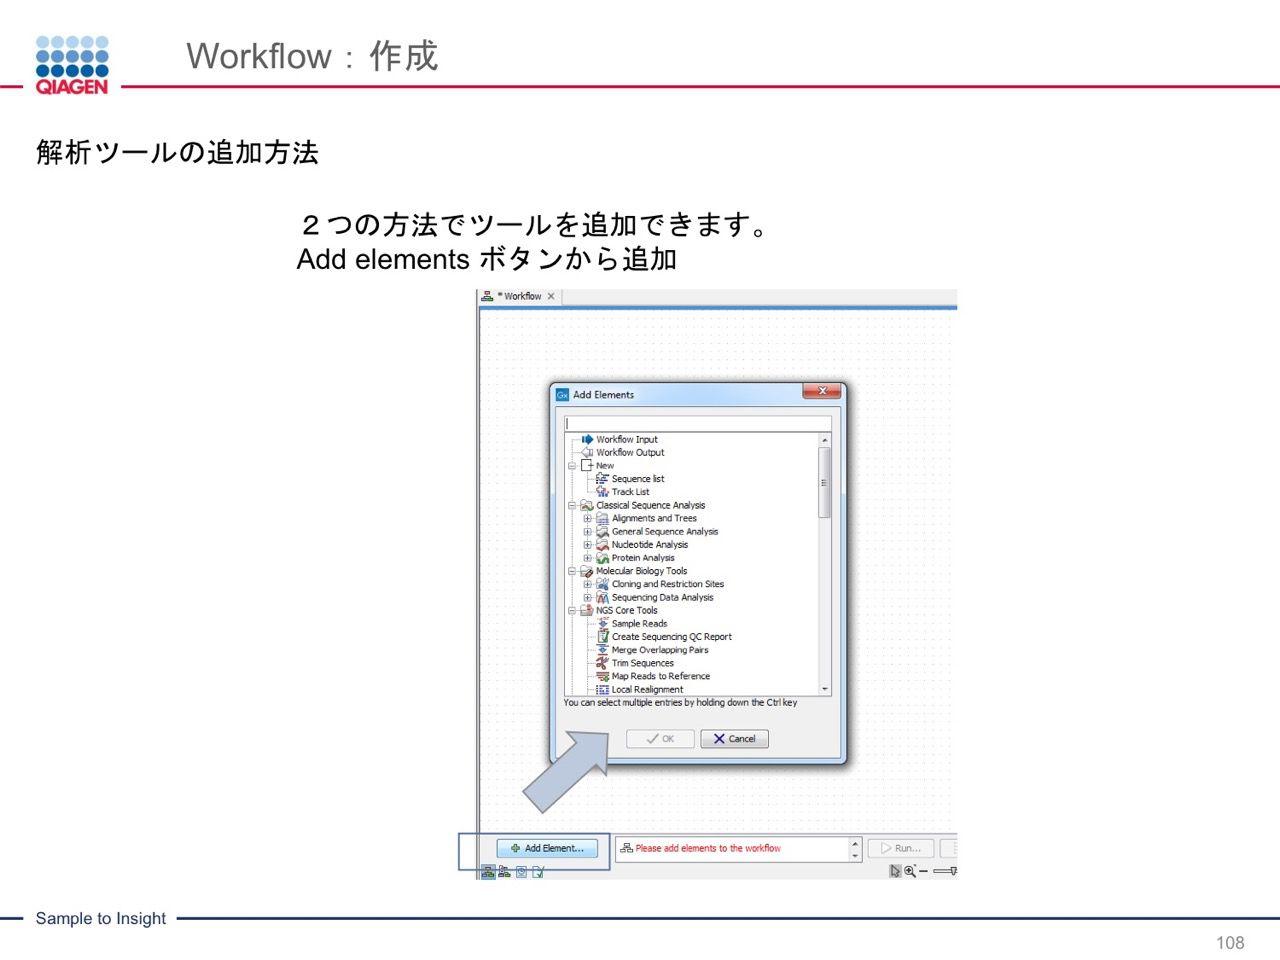 images/AJACSa2_miyamoto_108.jpg